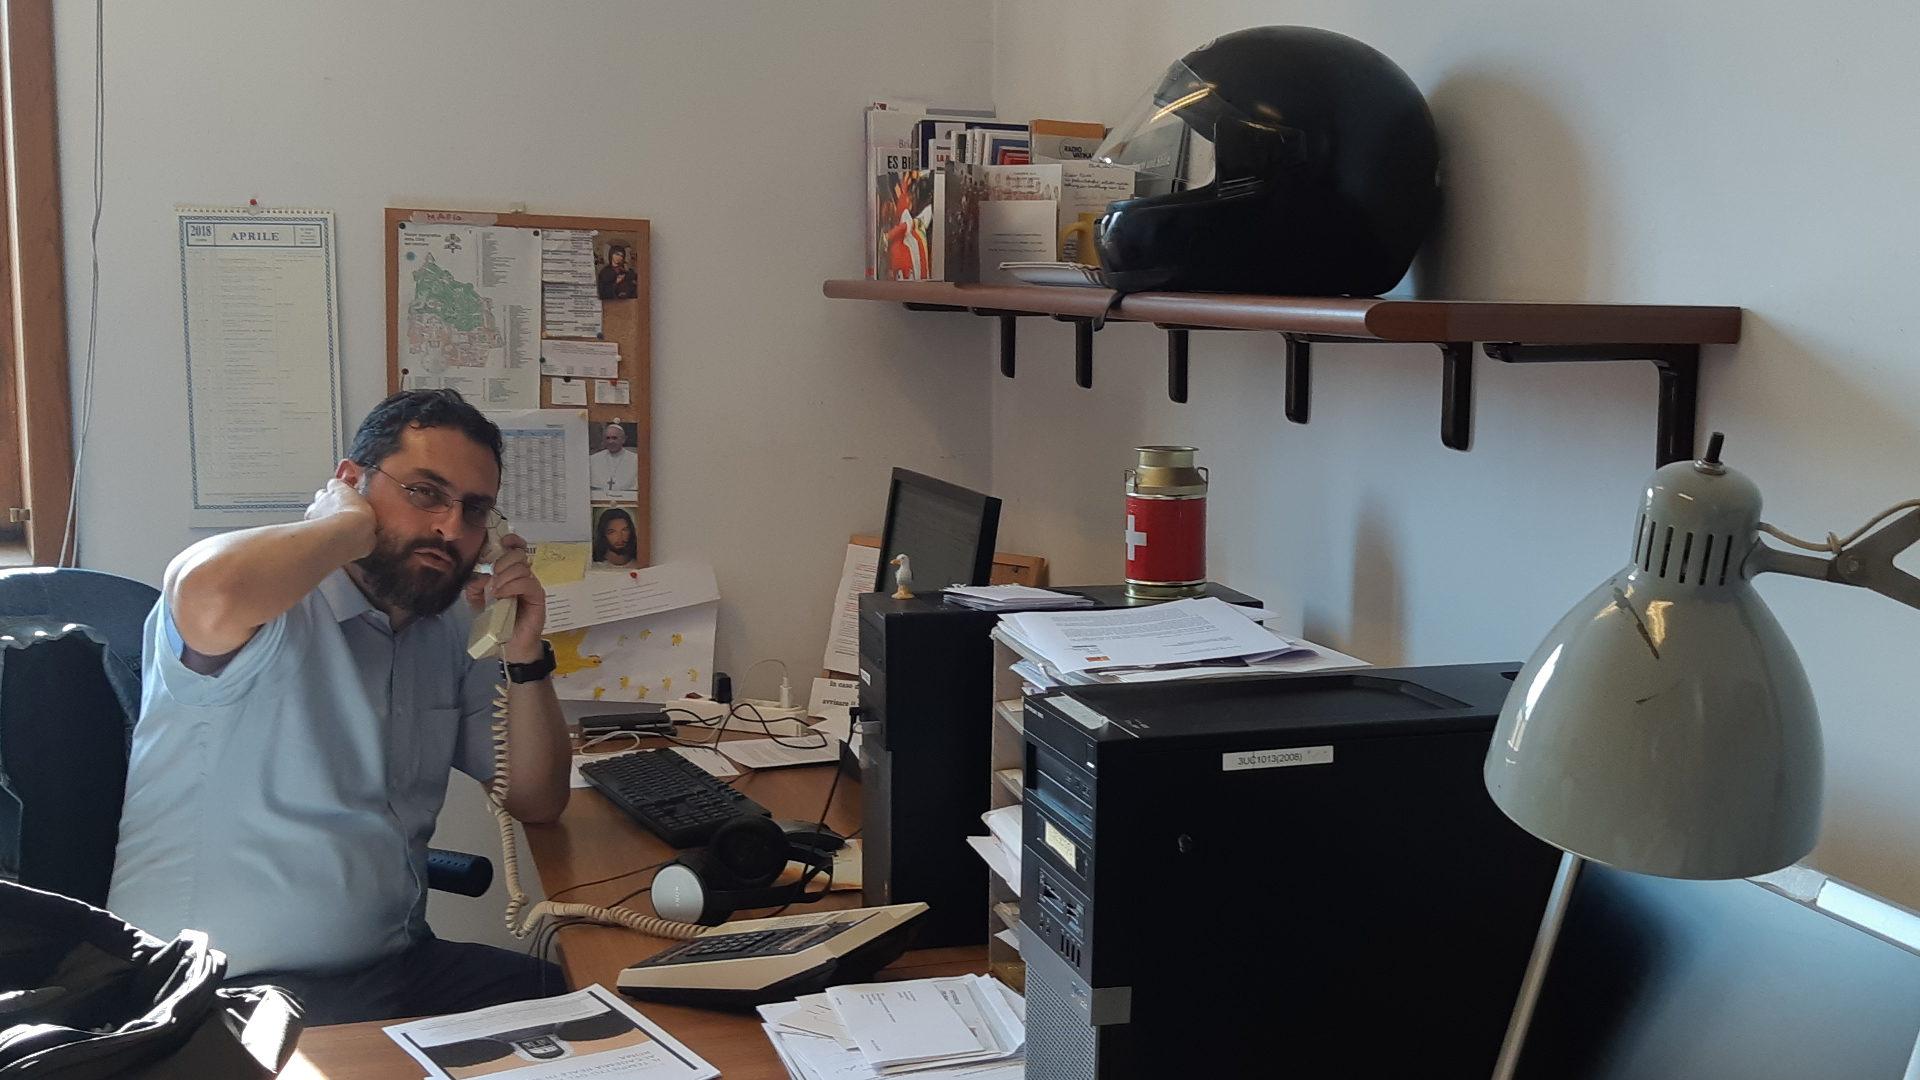 Mario Galgano im Büro | © Sylvia Stam